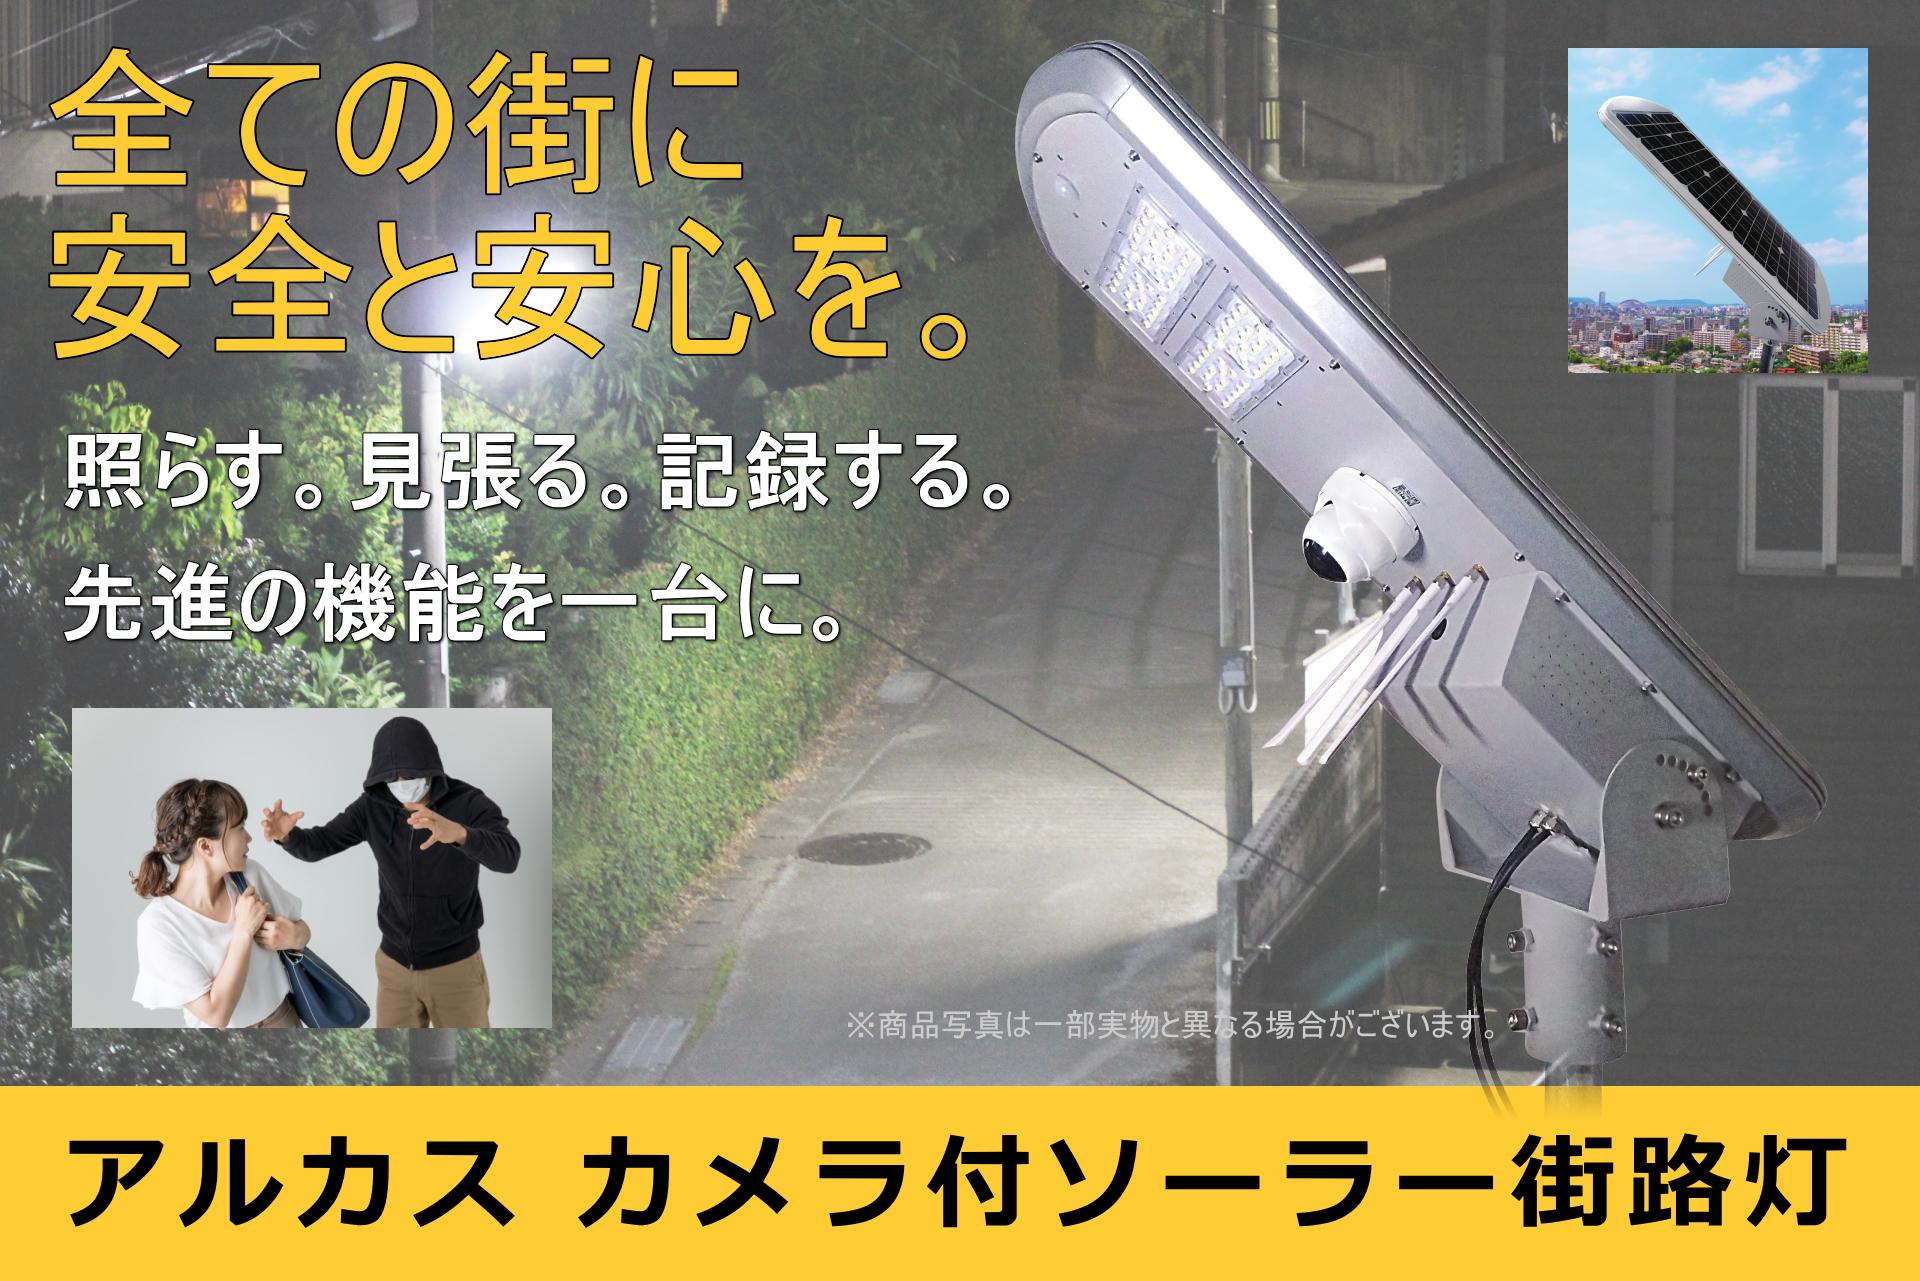 アルカス カメラ付ソーラー街路灯